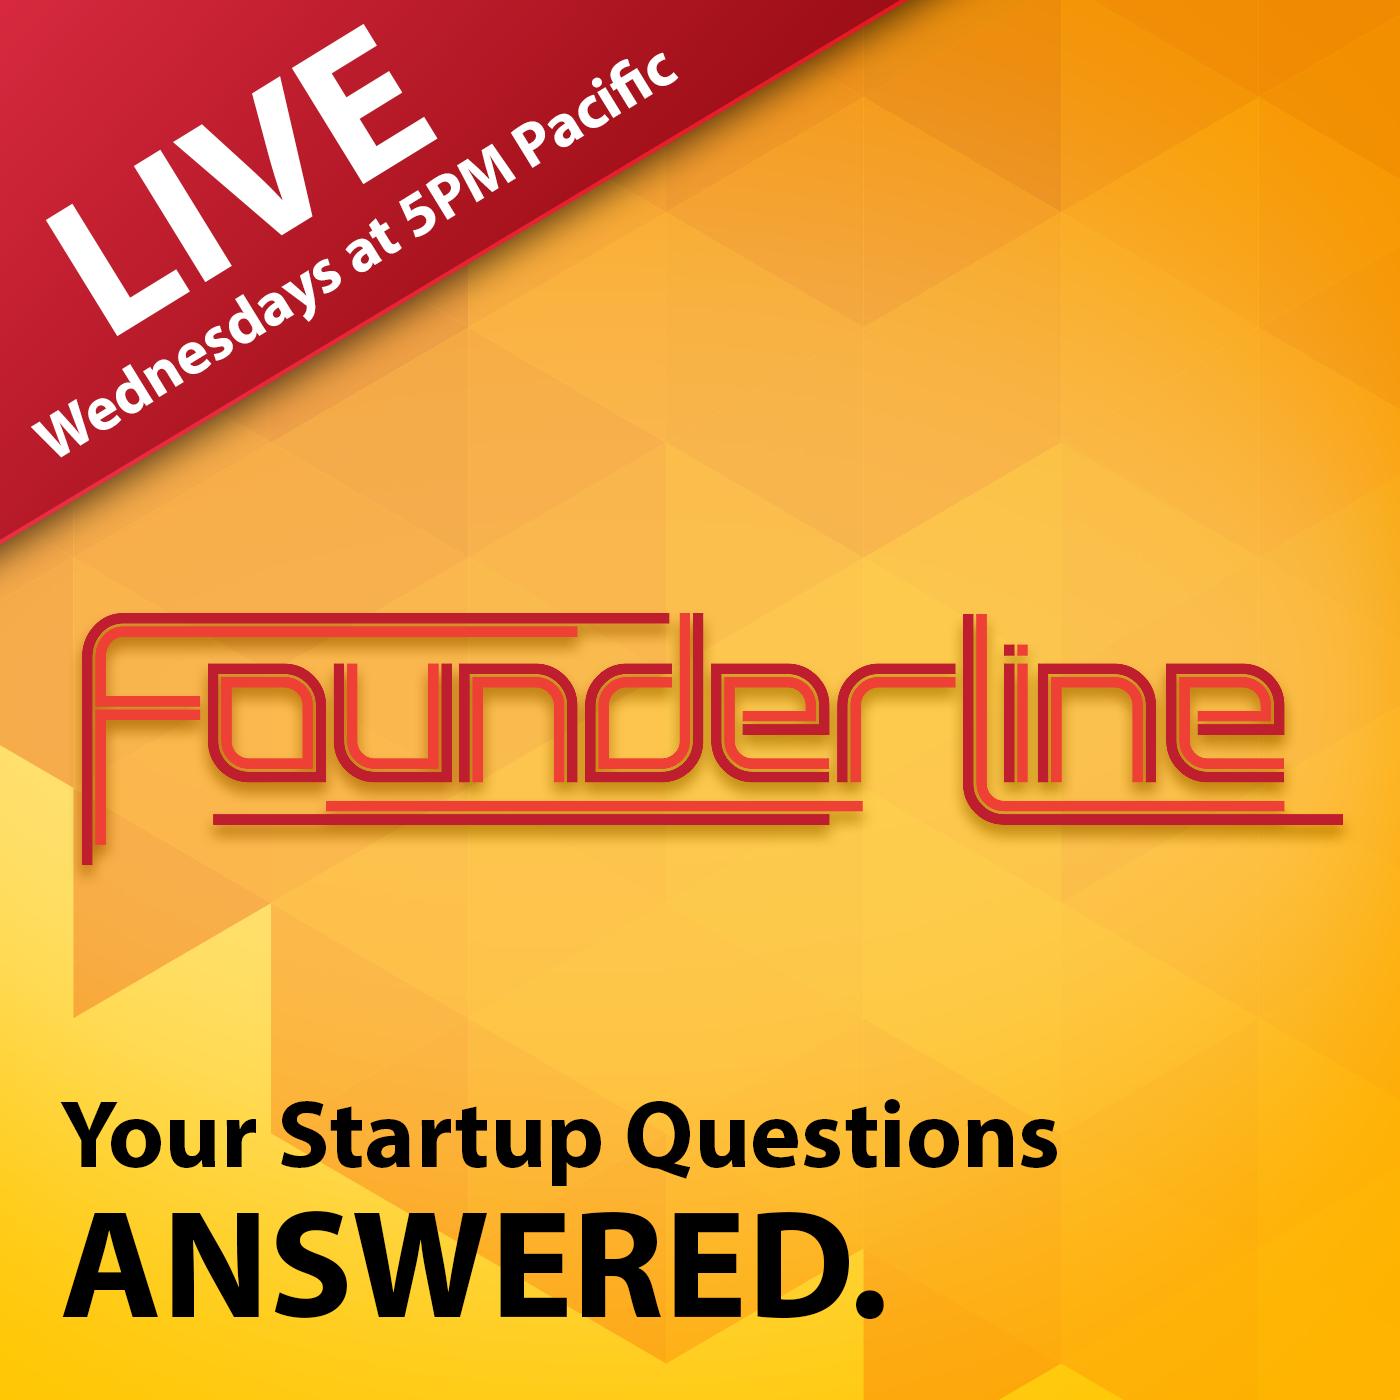 Artwork for FounderLine Episode 3 with guest Greg Sands